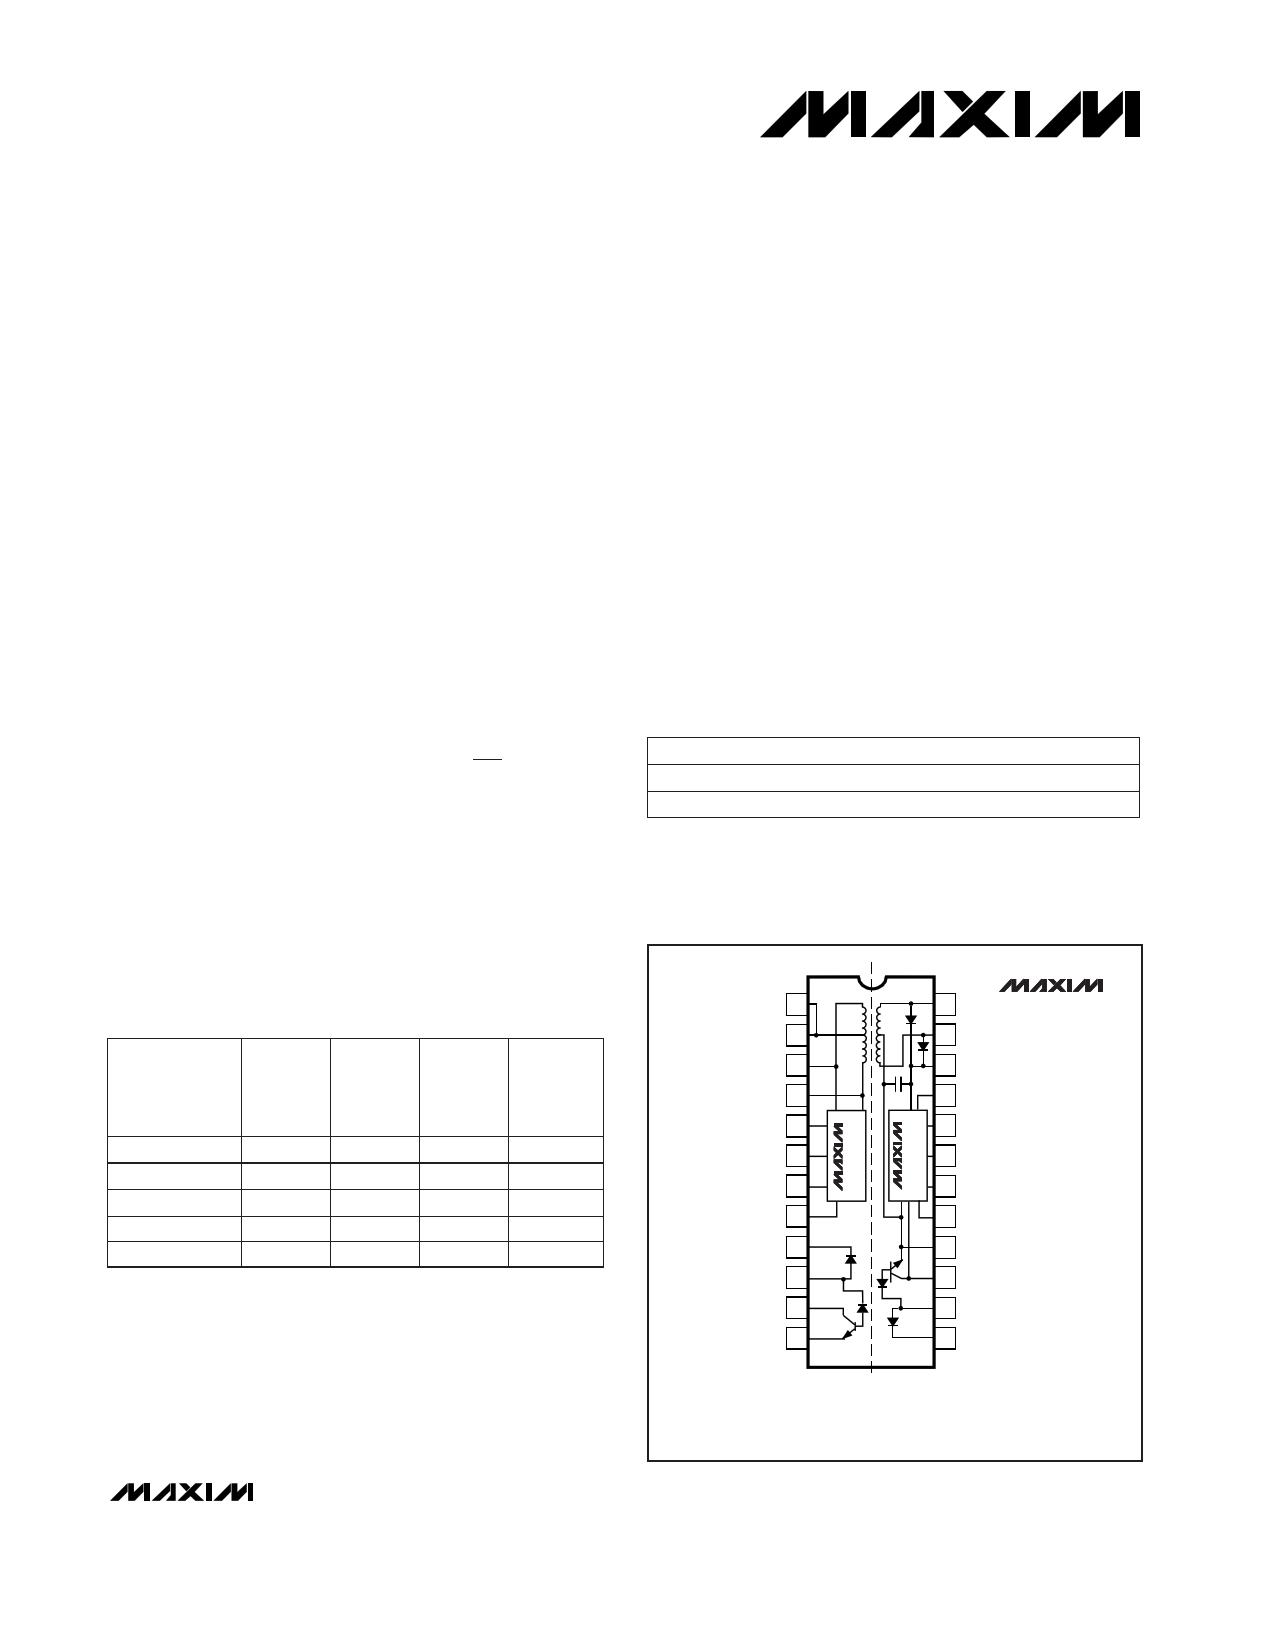 MAXB Datasheet PDF